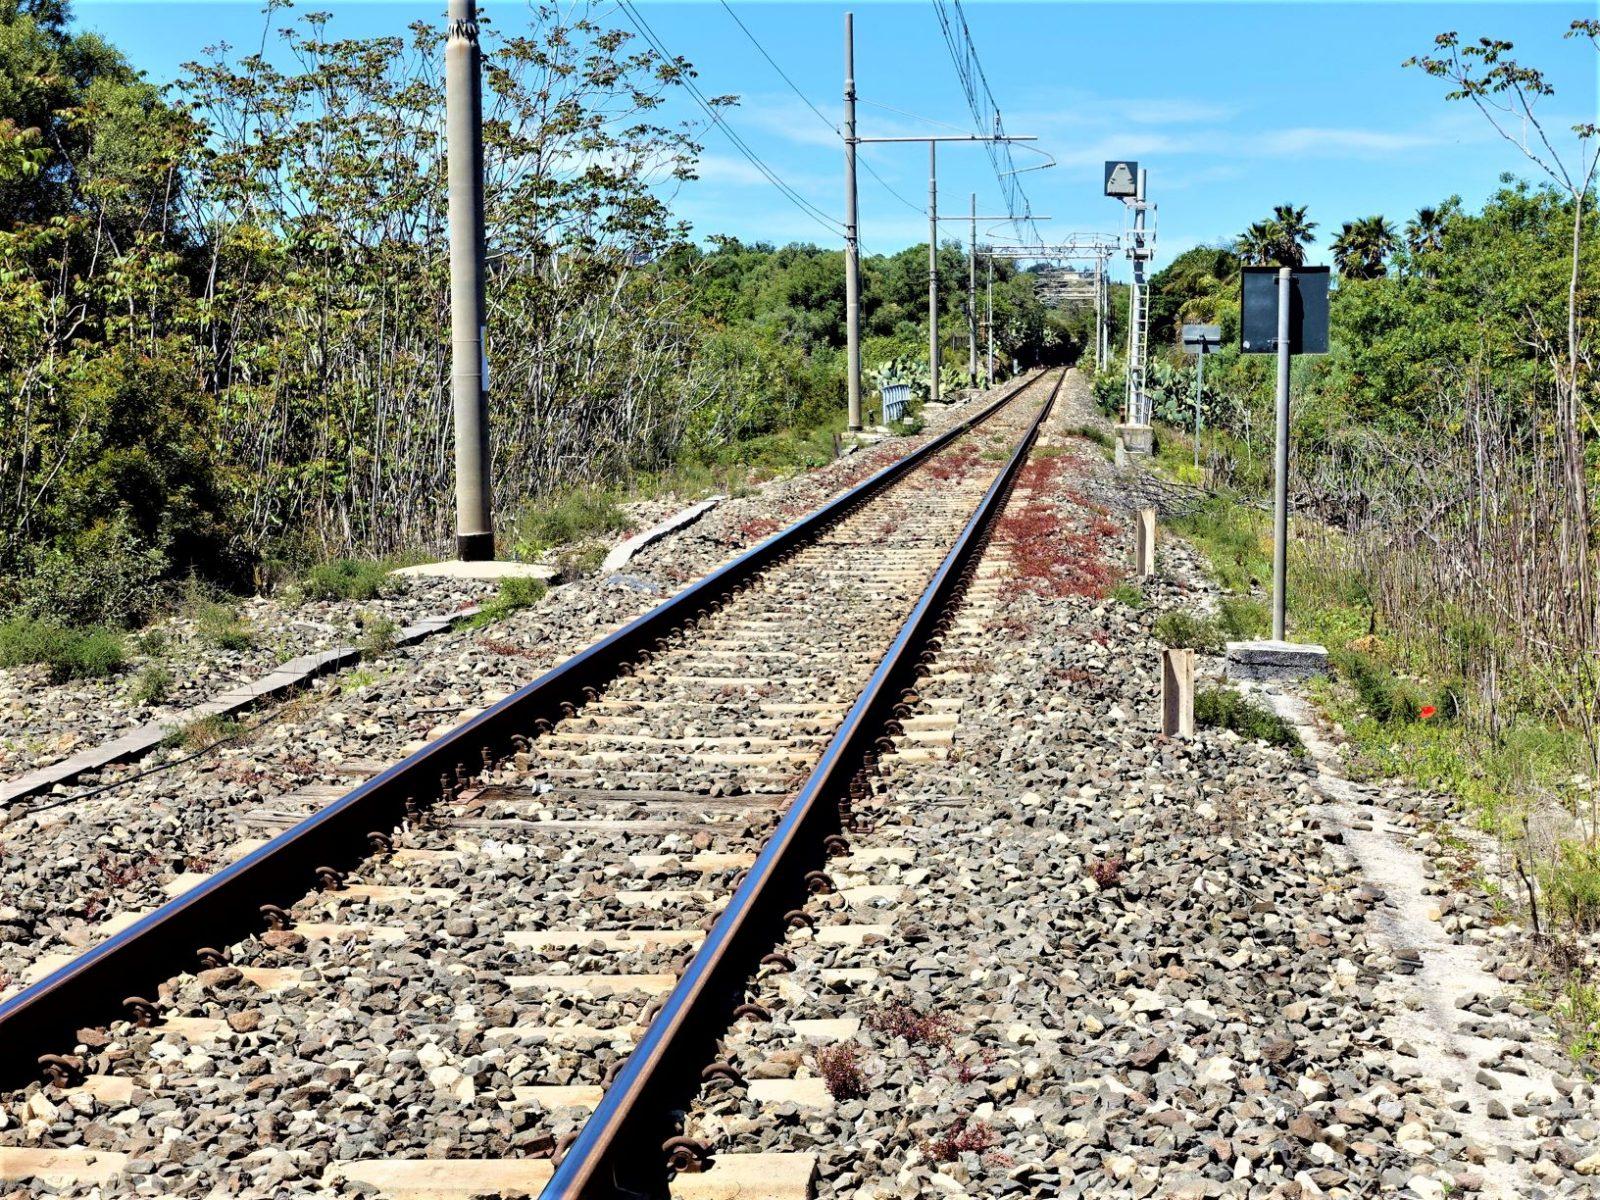 jernbanen på Sicilia